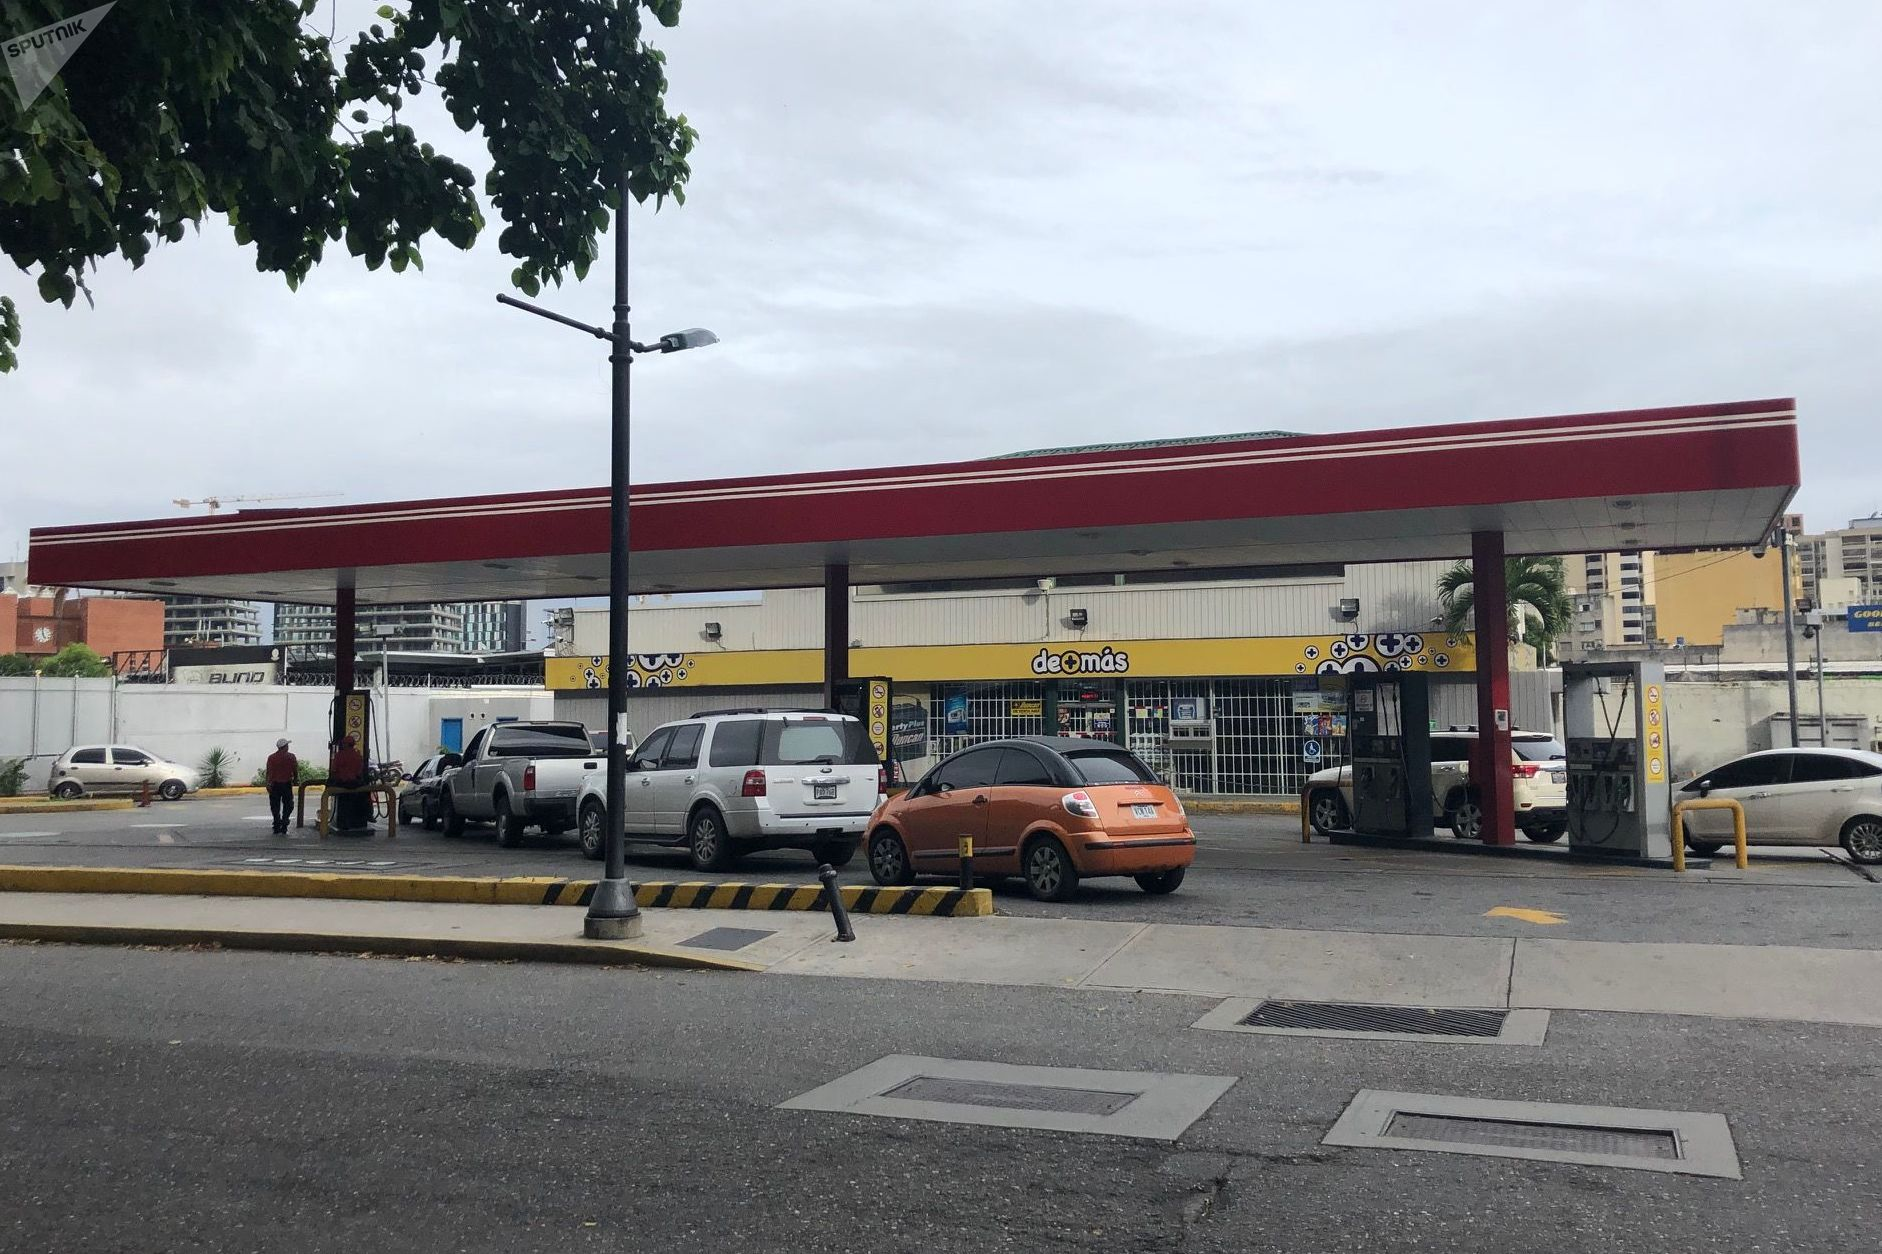 En Caracas, a la hora de salida de las oficinas, puede haber fila de espera para cargar combustible: durante la noche, los surtidores están cerrados, salvo en casos excepcionales